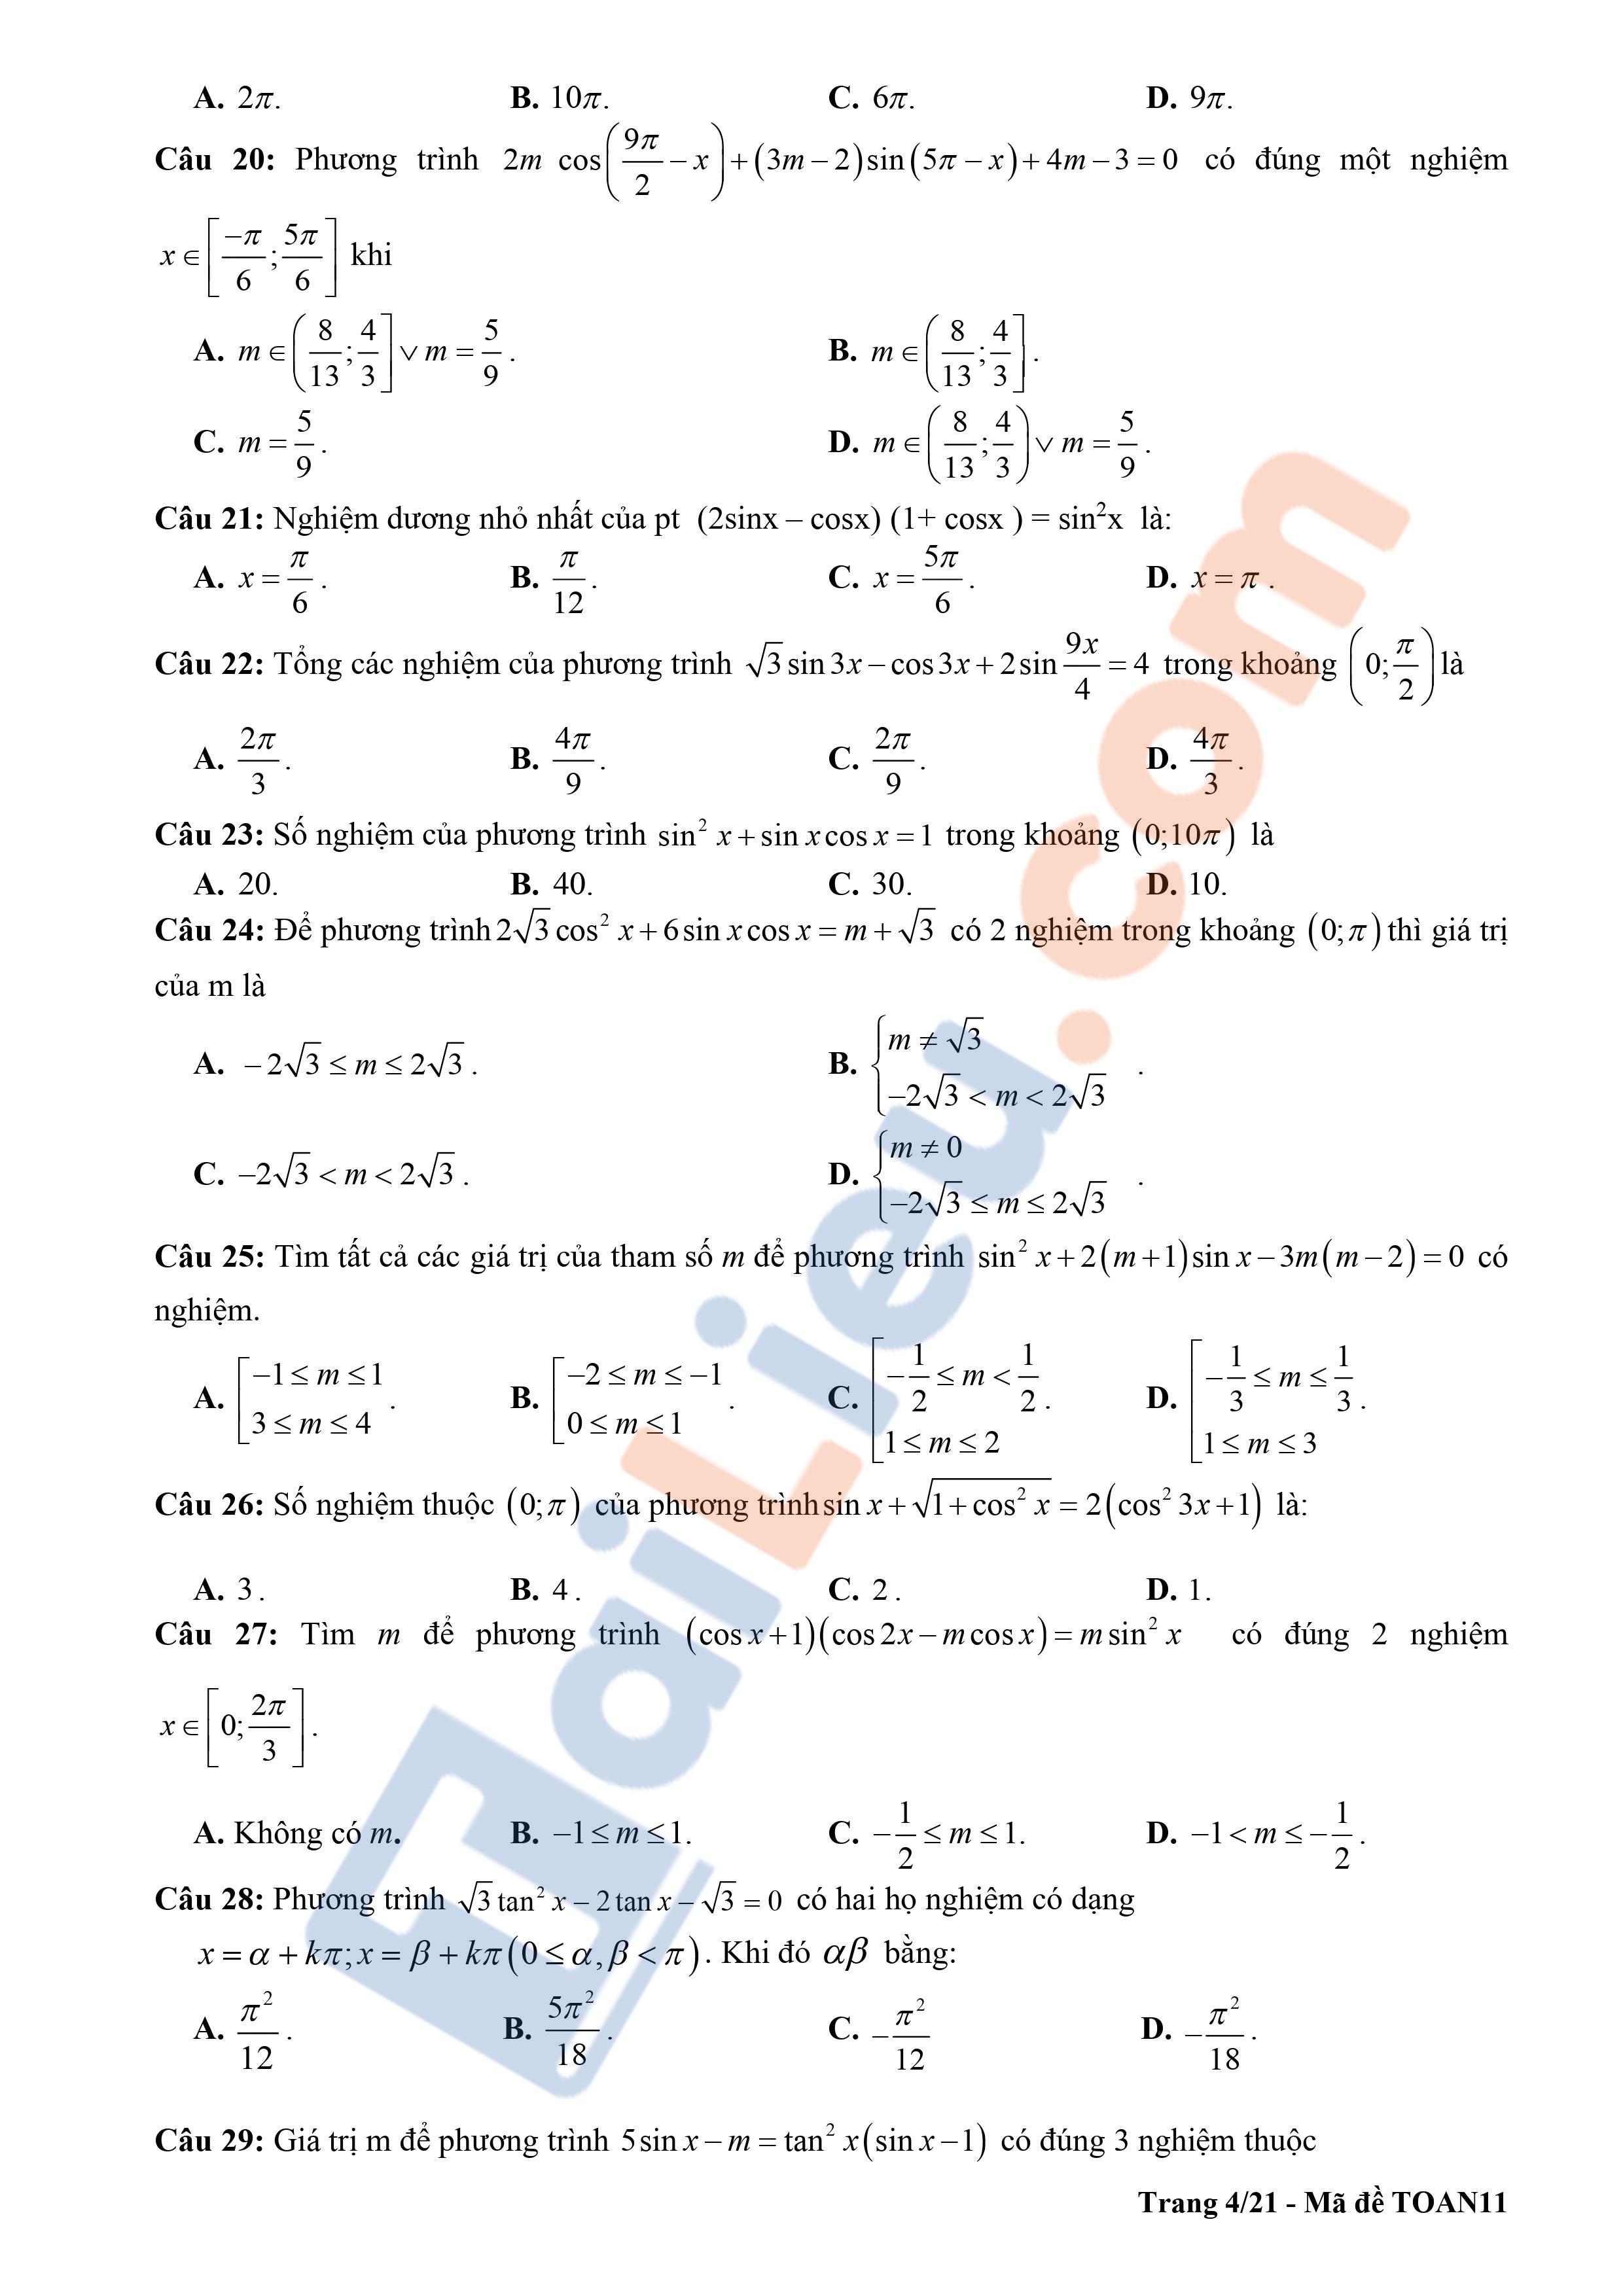 Đề cương ôn tập học kì 1 toán 11 THPT Chu Văn An